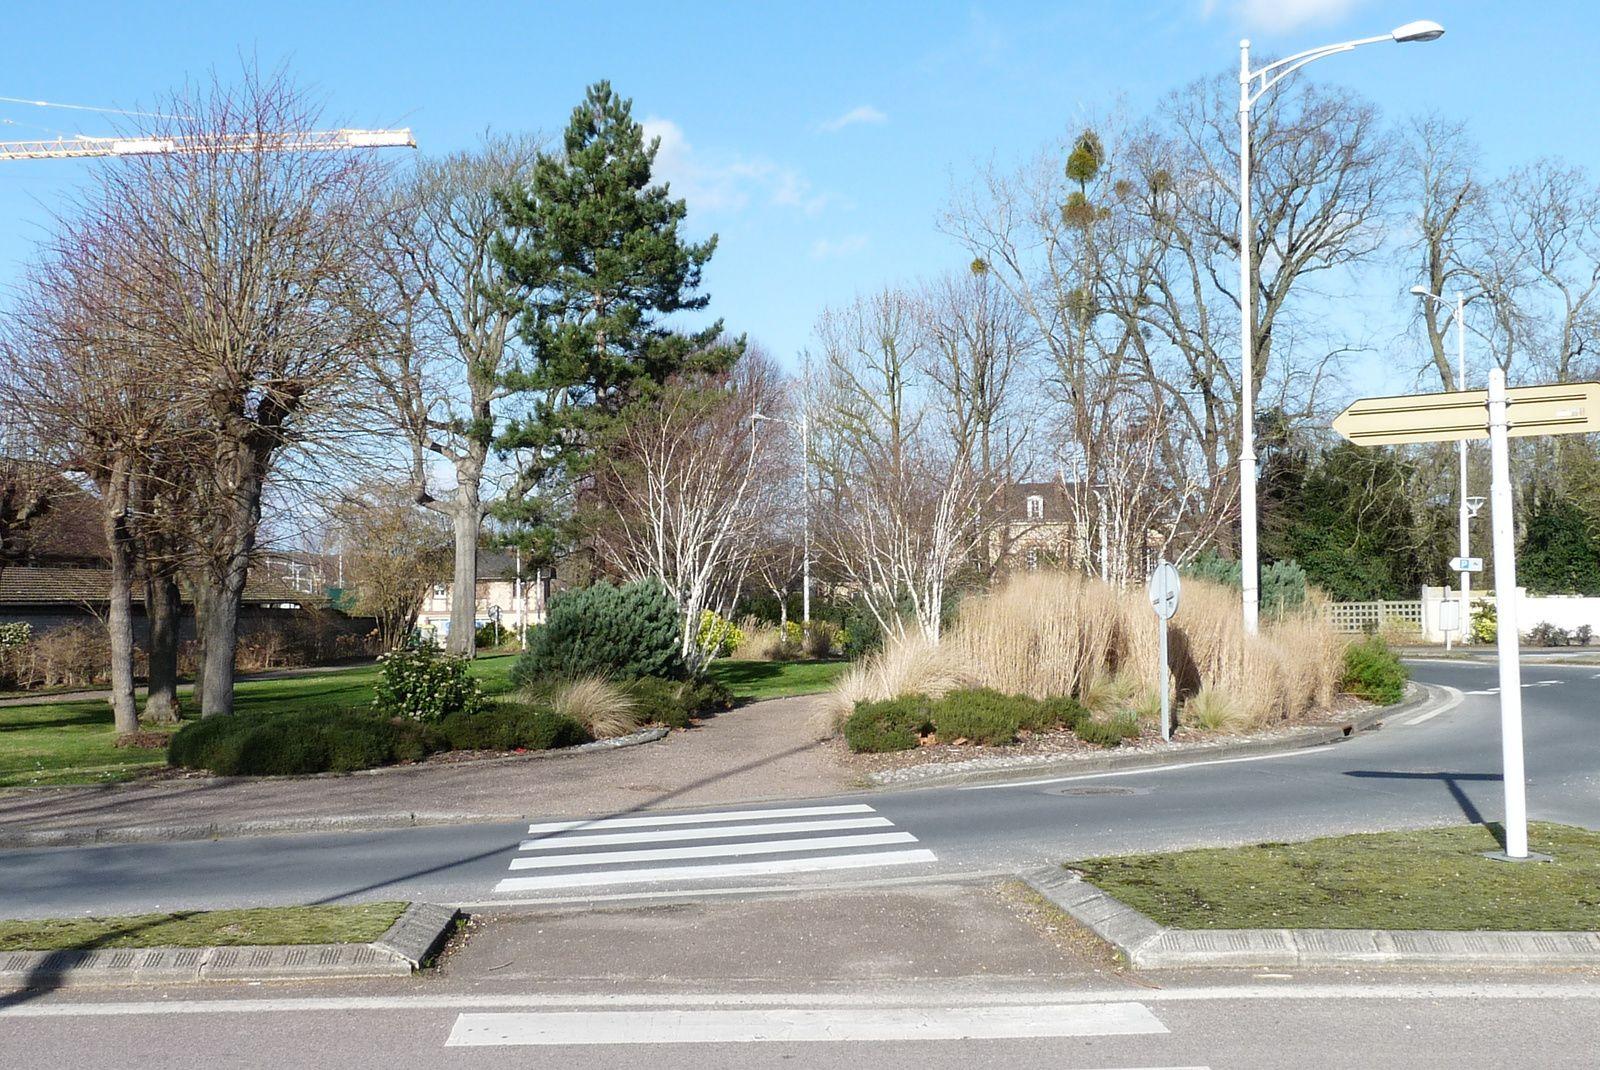 Difficile d'imaginer que les espaces verts près des écoles faisaient partie du parc de la Folie-Vallée avant 1954 où fut créée la route raccordant le pont de Pont-de-l'Arche à l'avenue de la Forêt-de-Bord aux Damps (cliché Armand Launay, février 2014).